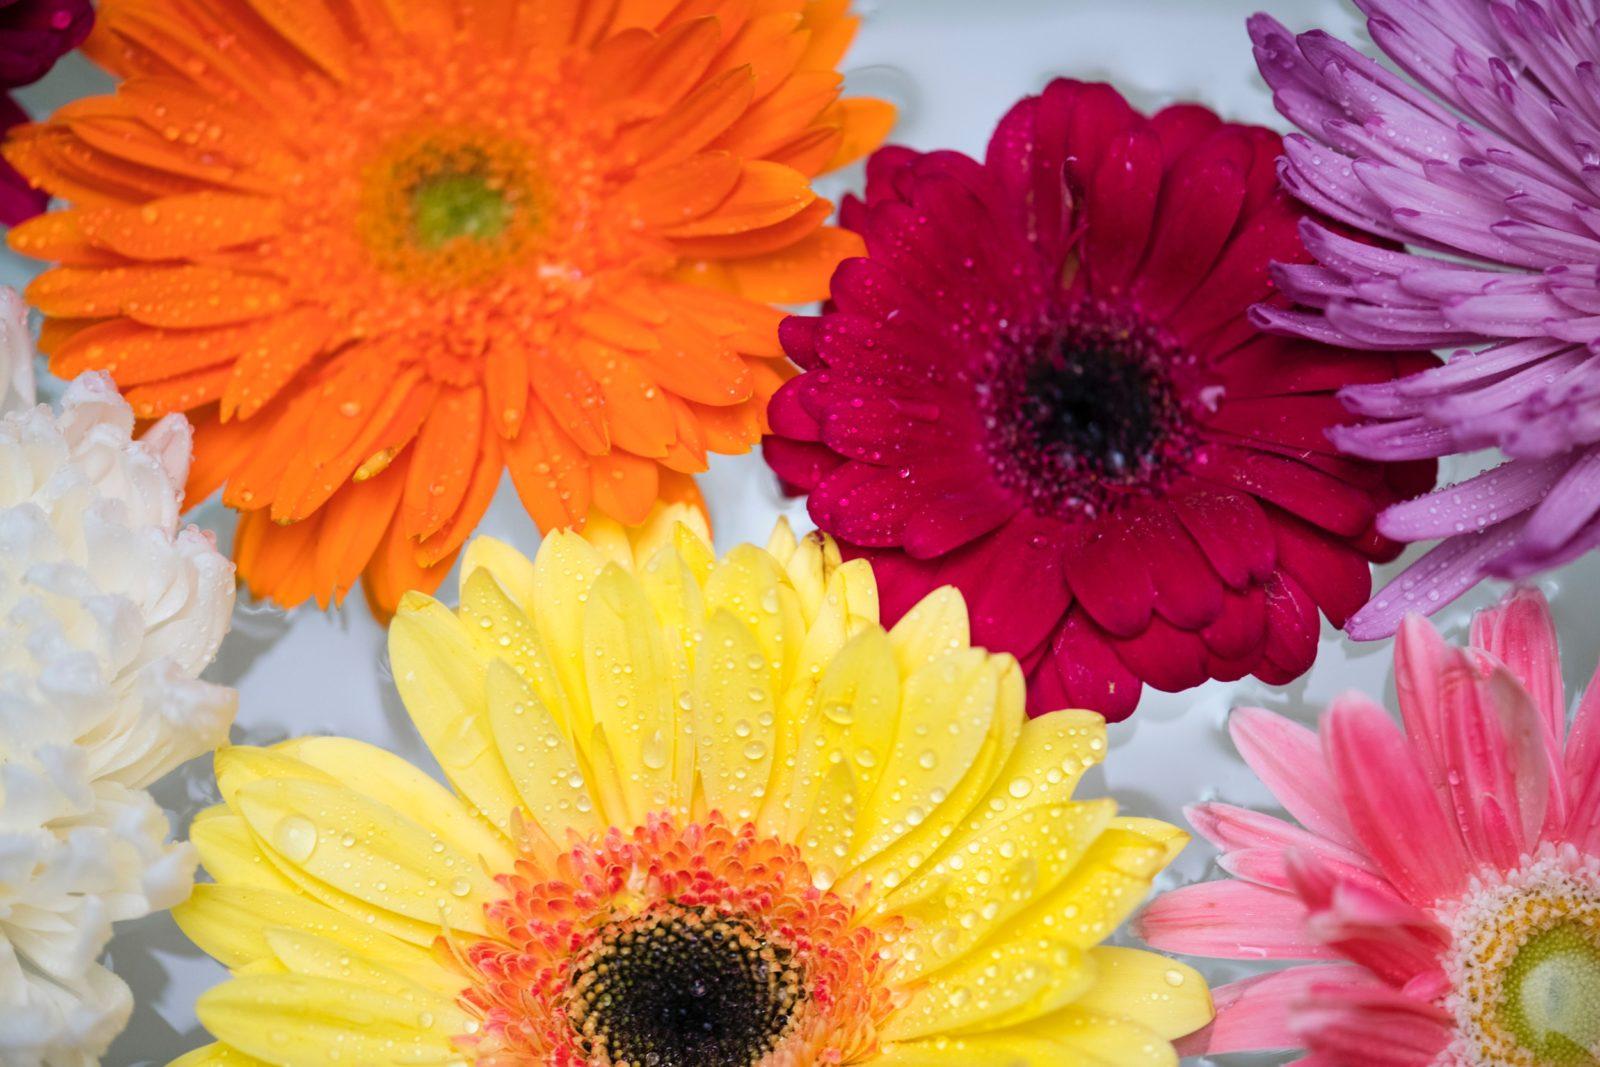 【色彩学】暖色系を使って目に止まる売り場(vmd)を作るコツ